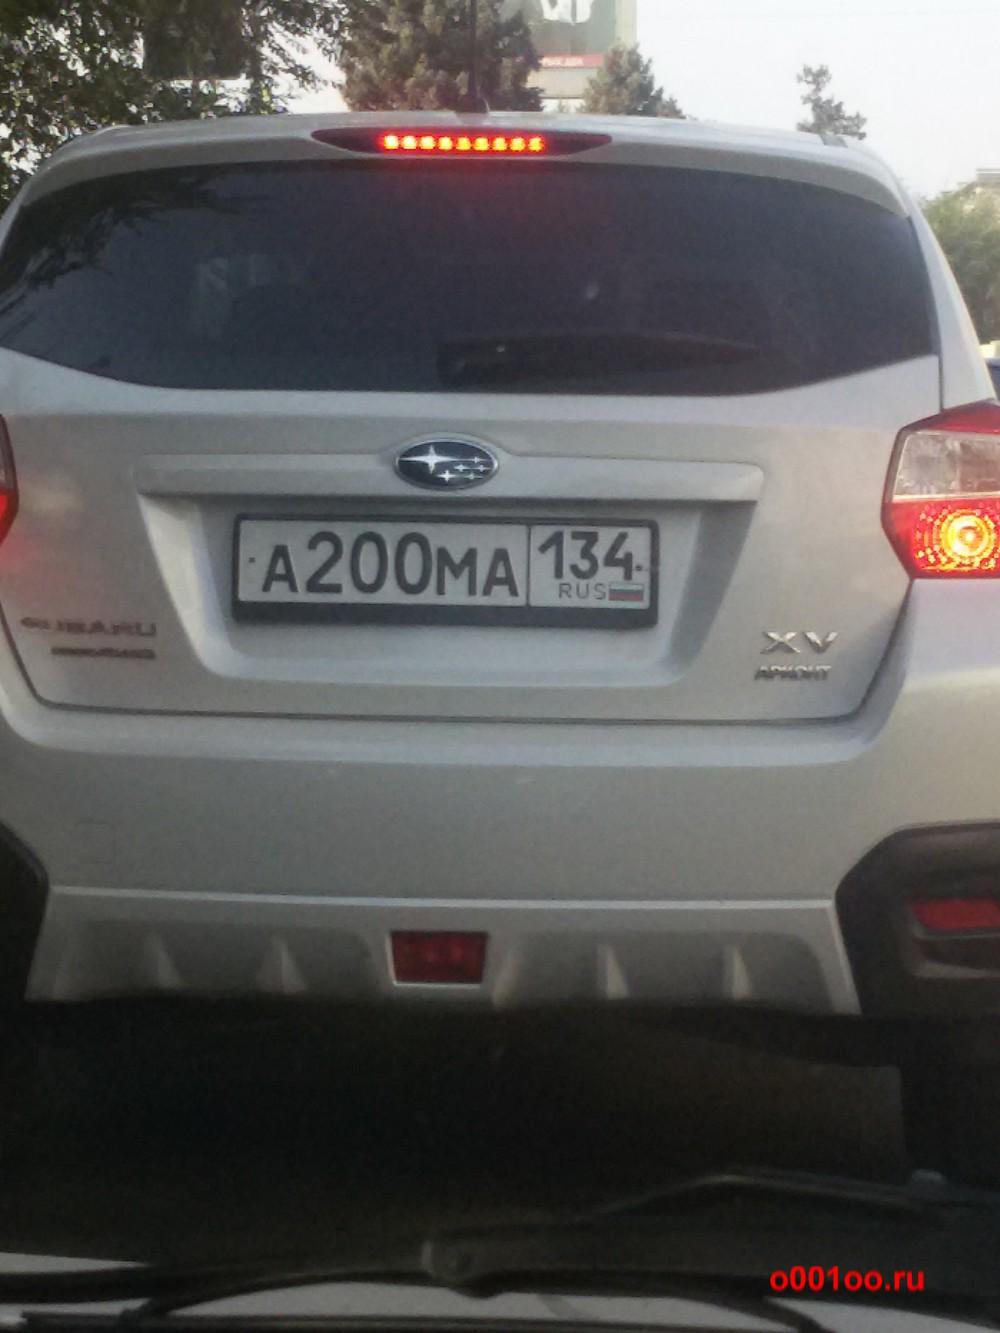 а200ма134